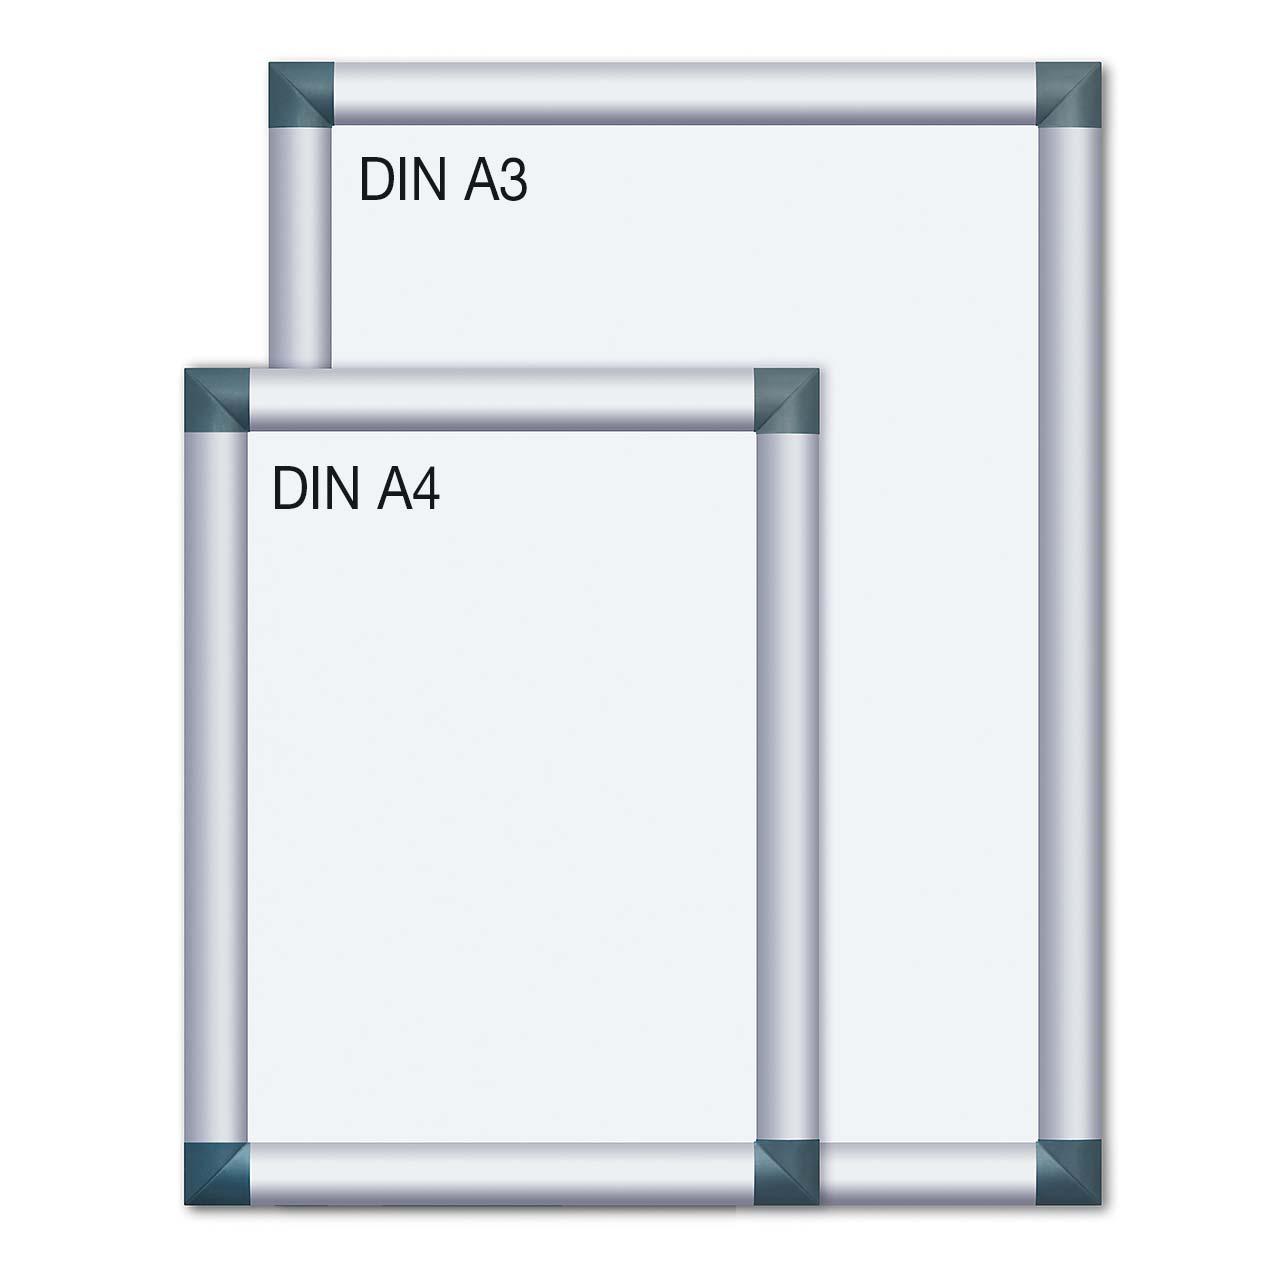 Alu-Plakatrahmen mit kantigen Ecken, DIN A4 und DIN A3 ...